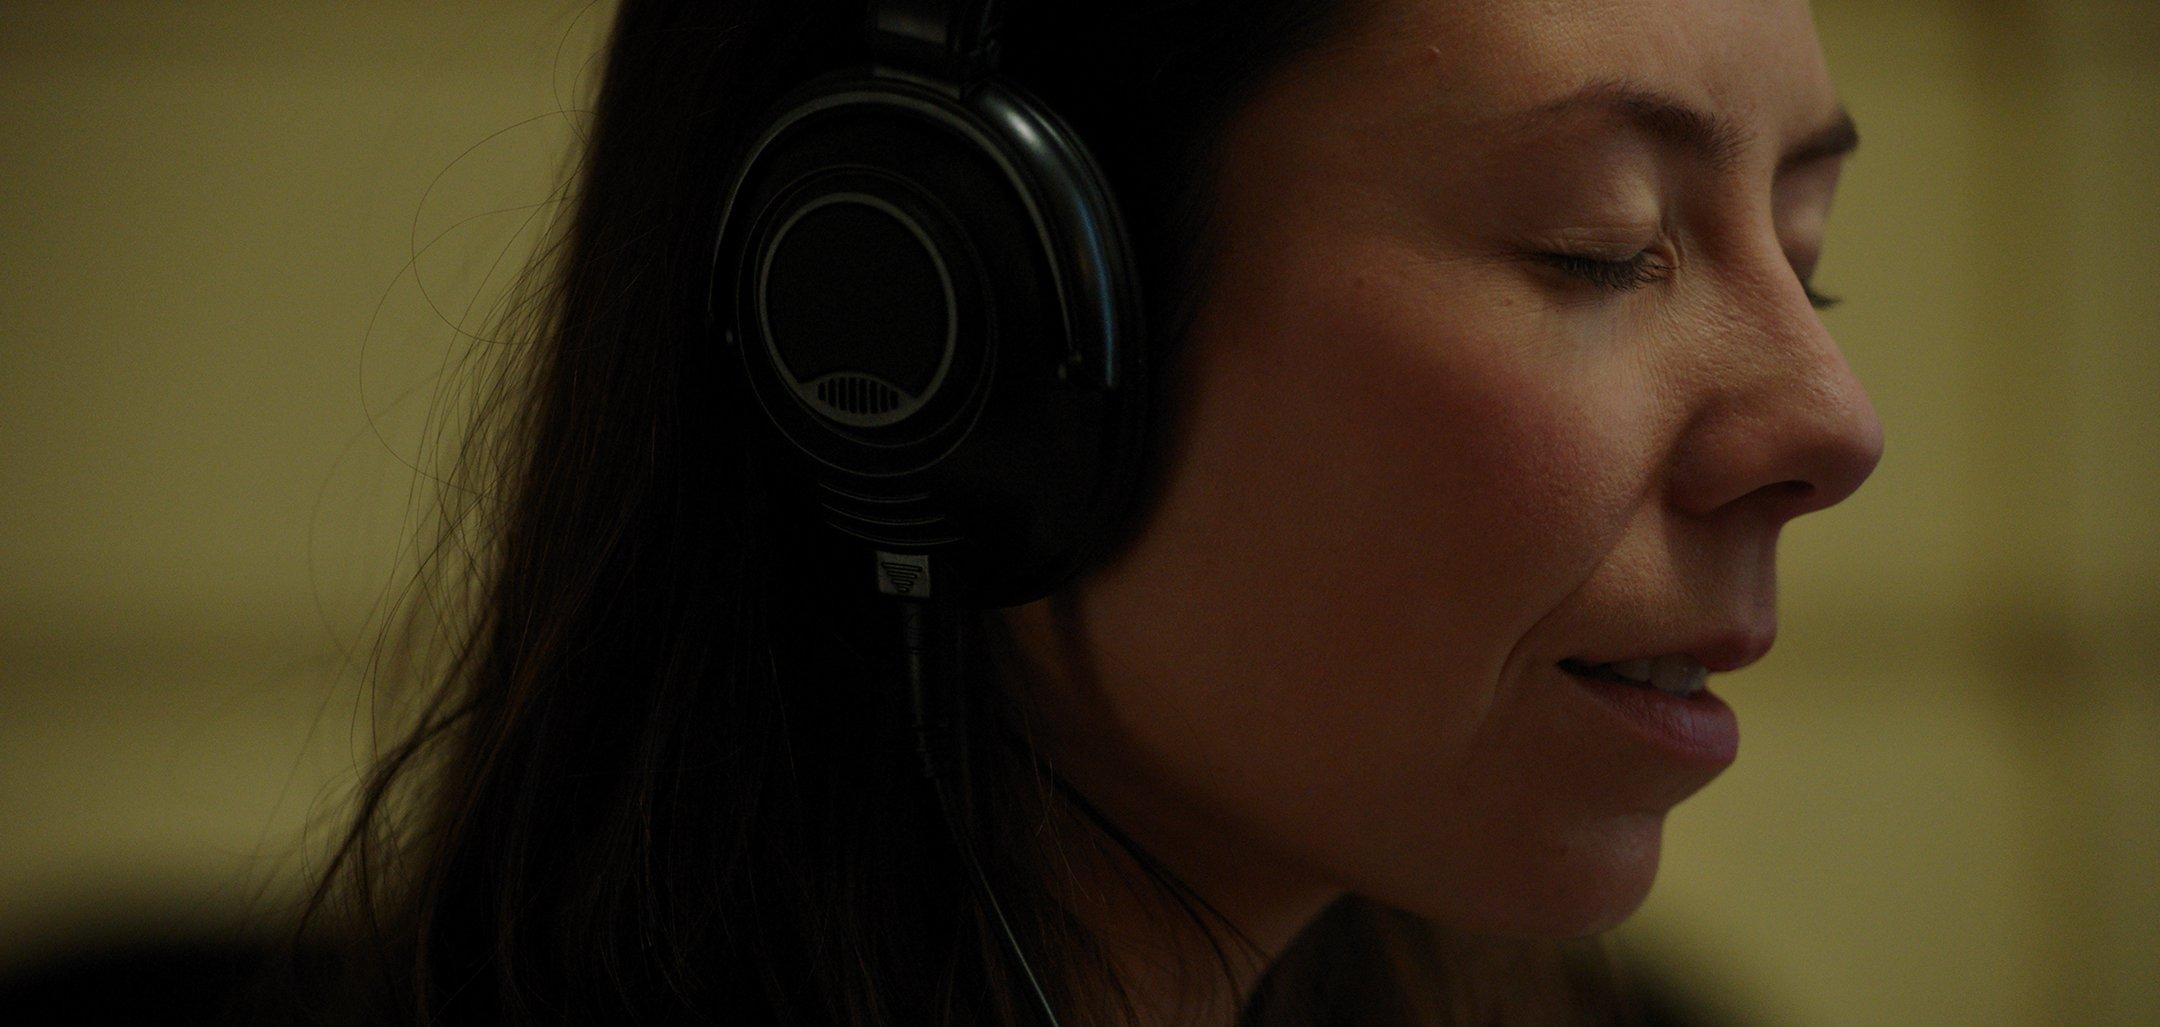 Madison Walsh in 'Something Undone' (2021)